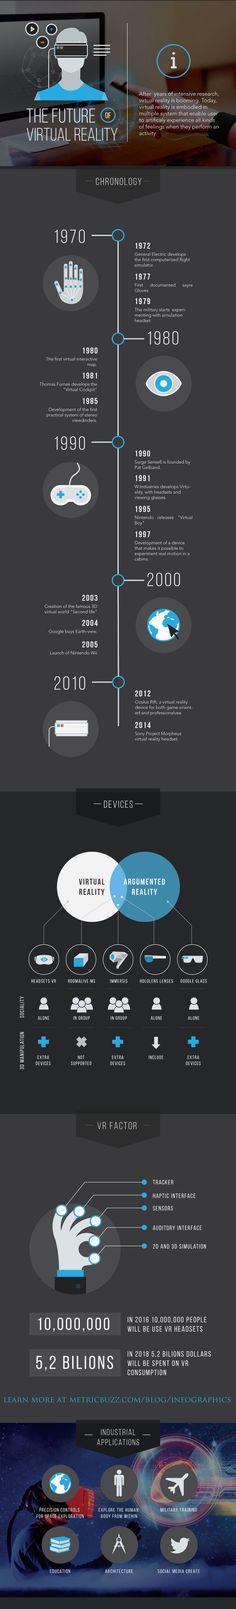 Virtual Reality History - was in der Grafik fehlt: inzwischen gibt es mit dem Slotsmillion Casino sogar bereits das erste echte VR Casino - http://slots.express/casinos/slotsmillion-casino